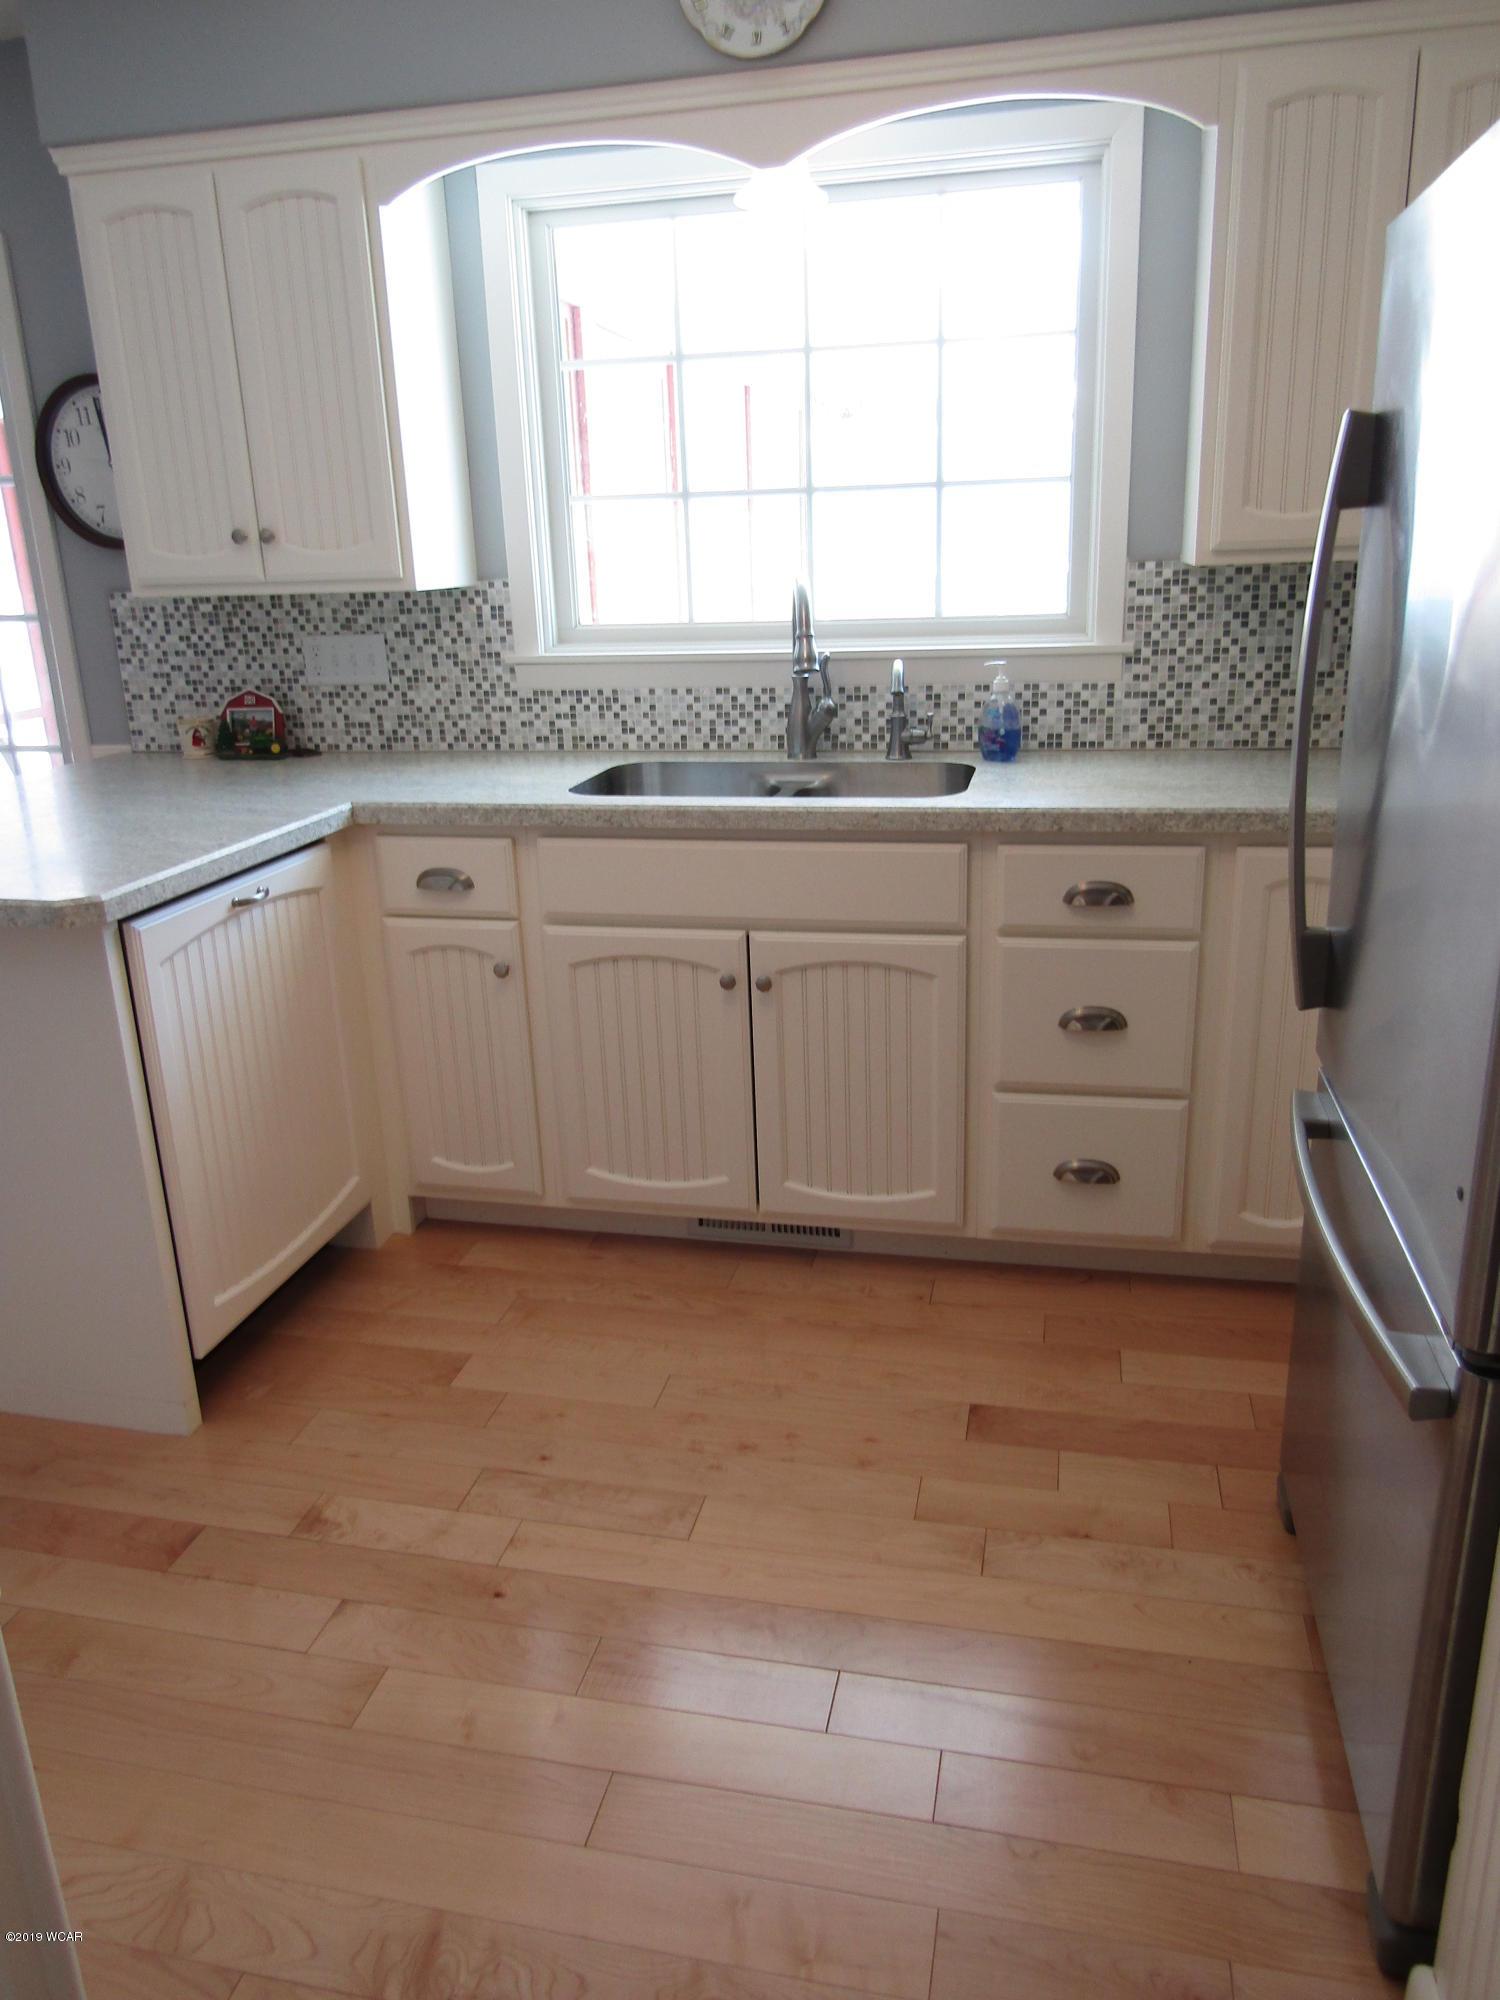 1120 N 5th Street Street,Montevideo,3 Bedrooms Bedrooms,2 BathroomsBathrooms,Single Family,N 5th Street Street,6033559